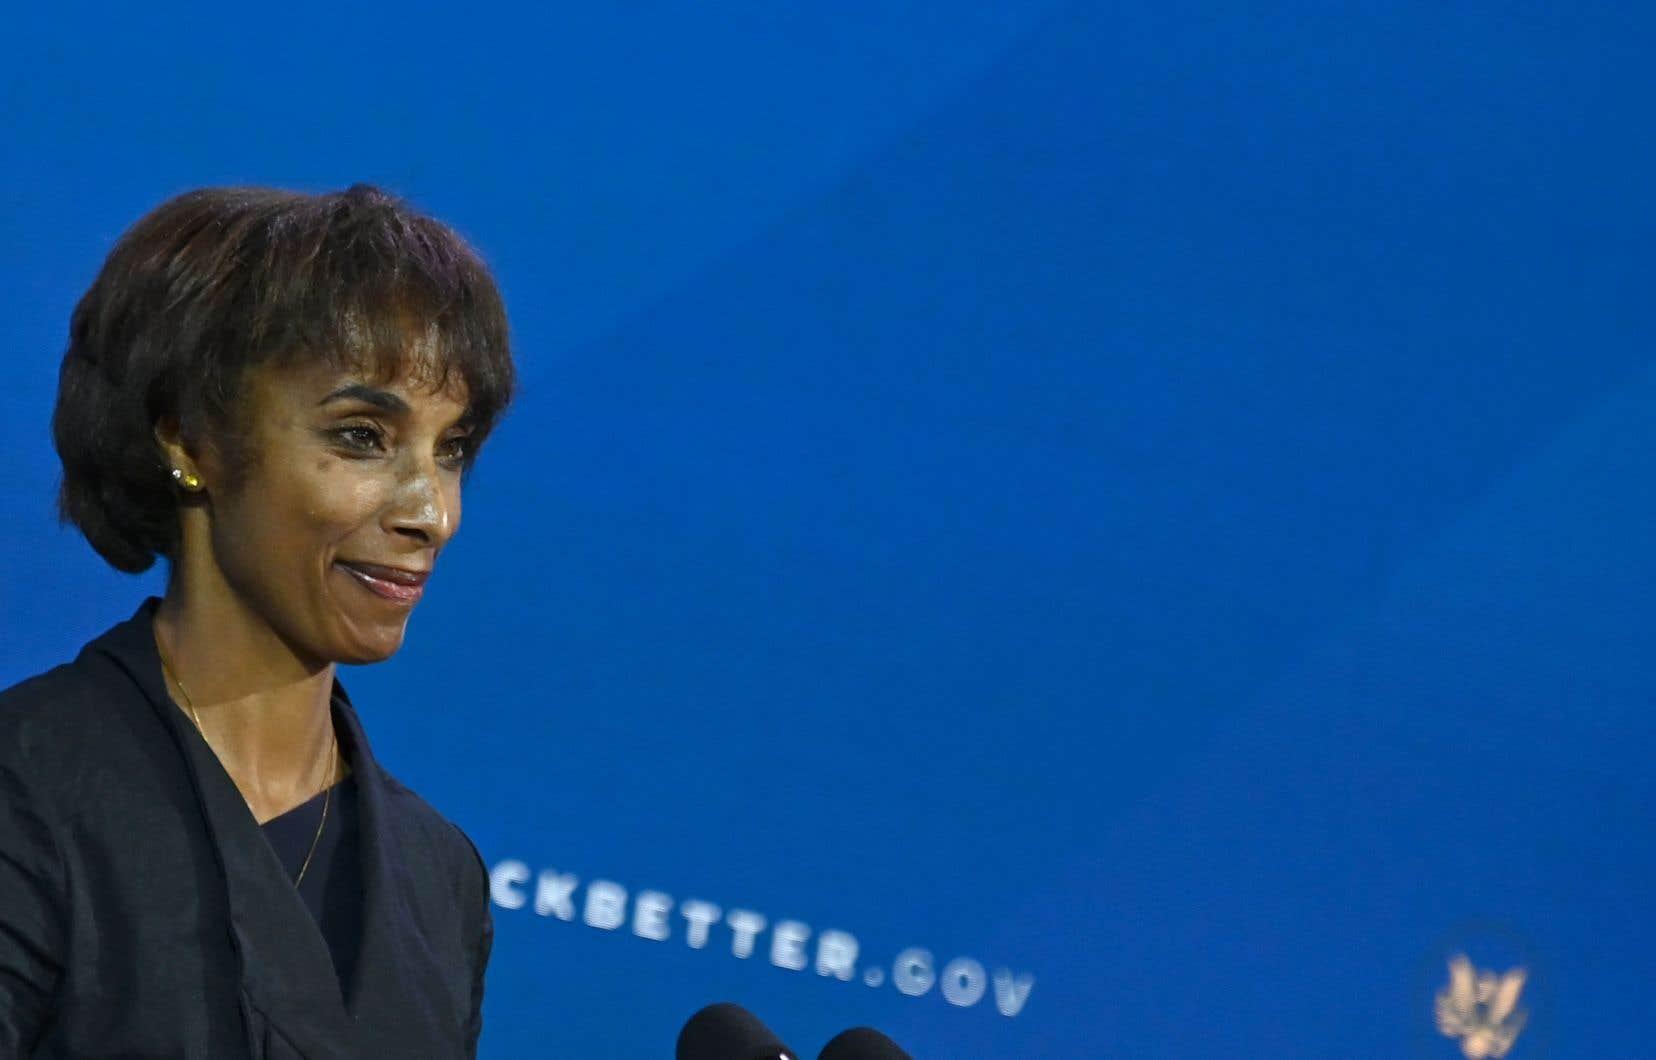 Si elle est confirmée par le Sénat, Cecilia Rouse — réputée pour ses travaux en économie du travail — devrait devenir la première personne noire à présider le Council of Economic Advisers, chargée de conseiller le président des États-Unis.